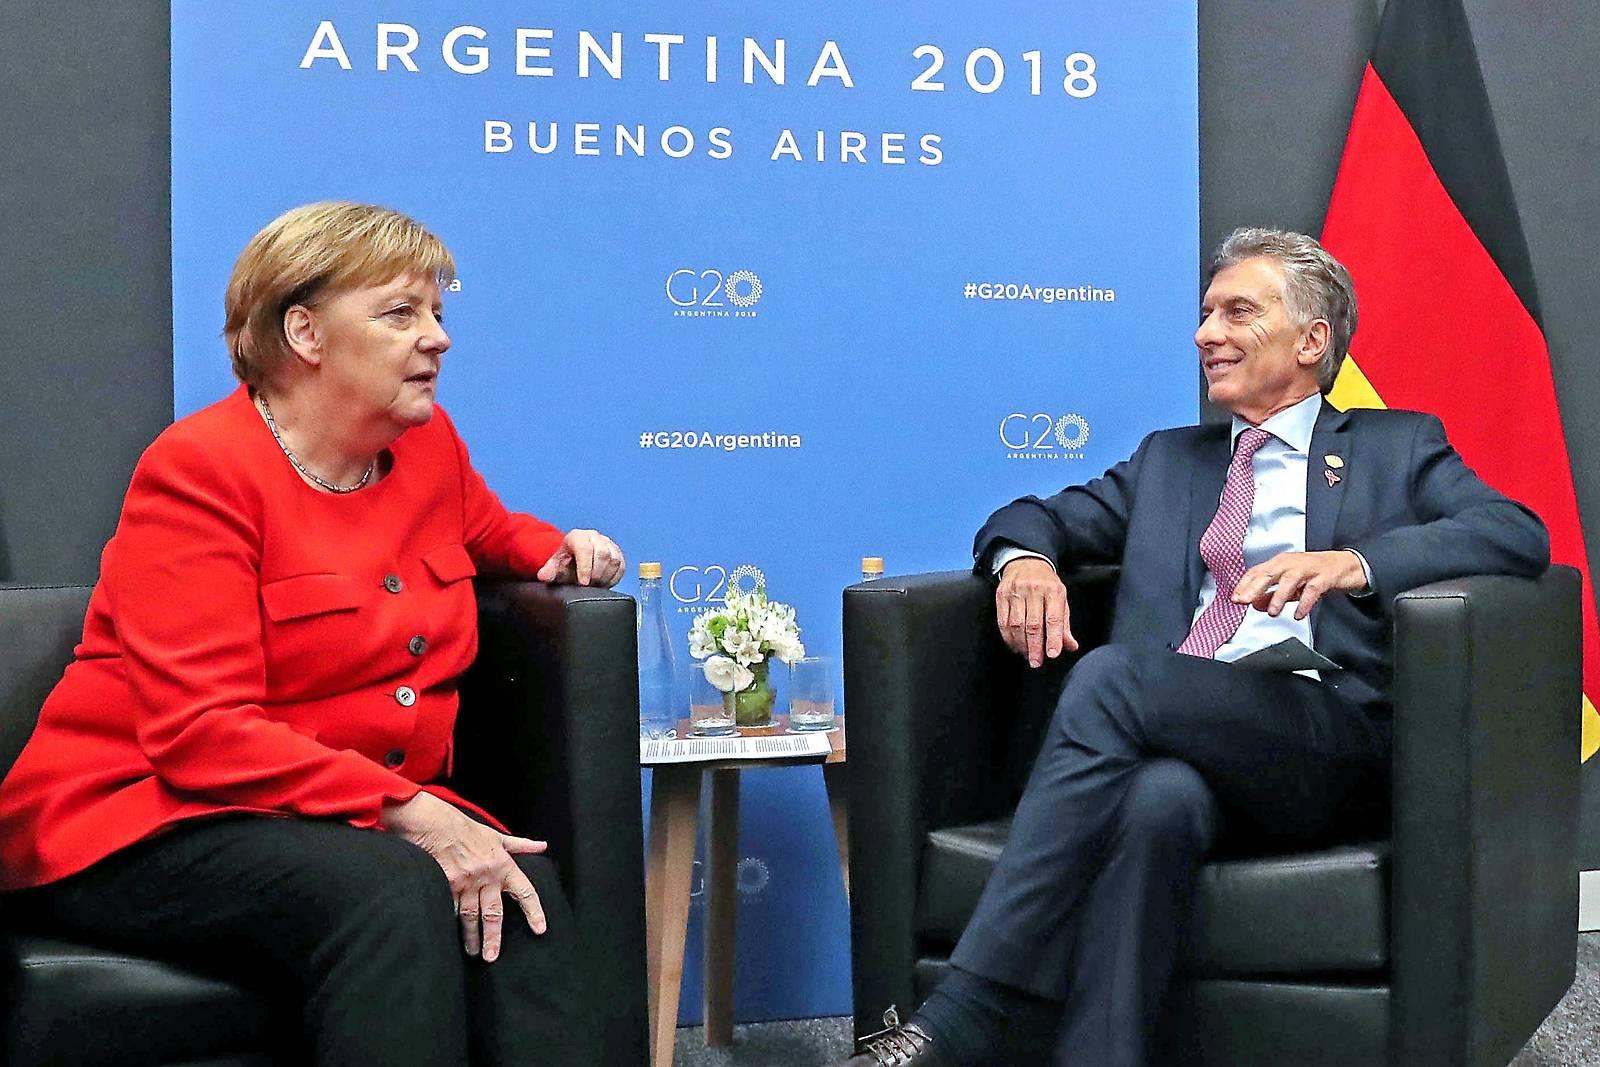 Merkel und Macri beraten über EU-MERCOSUR-Abkommens